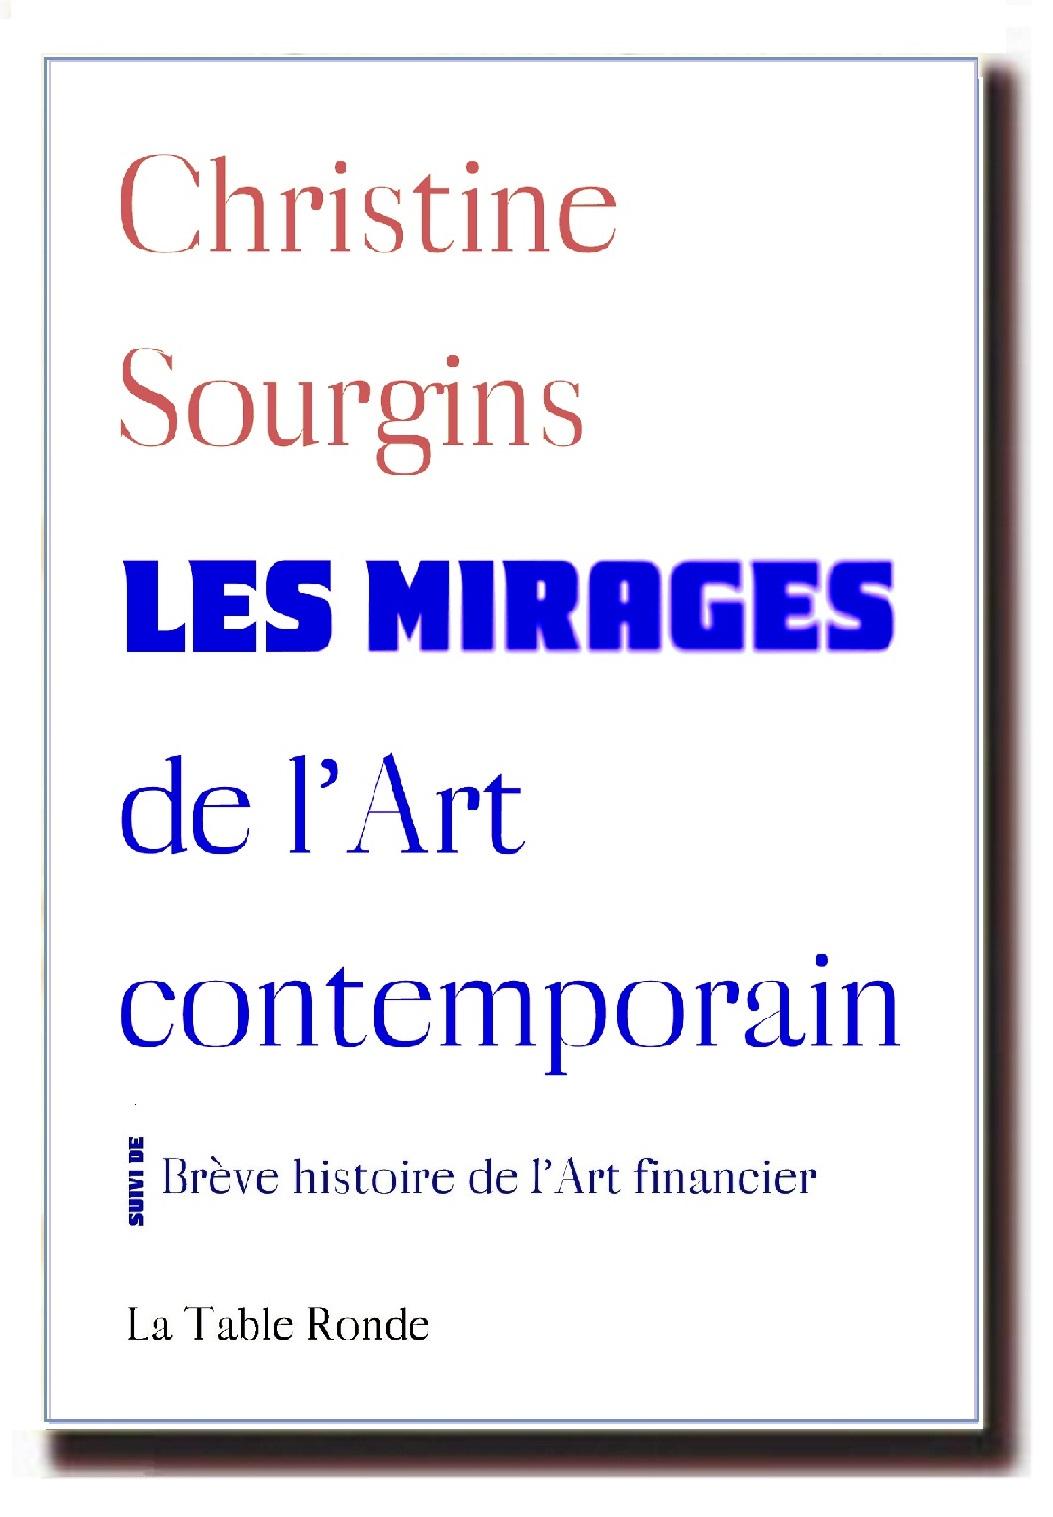 Les Mirages de l'art contemporain, réédition